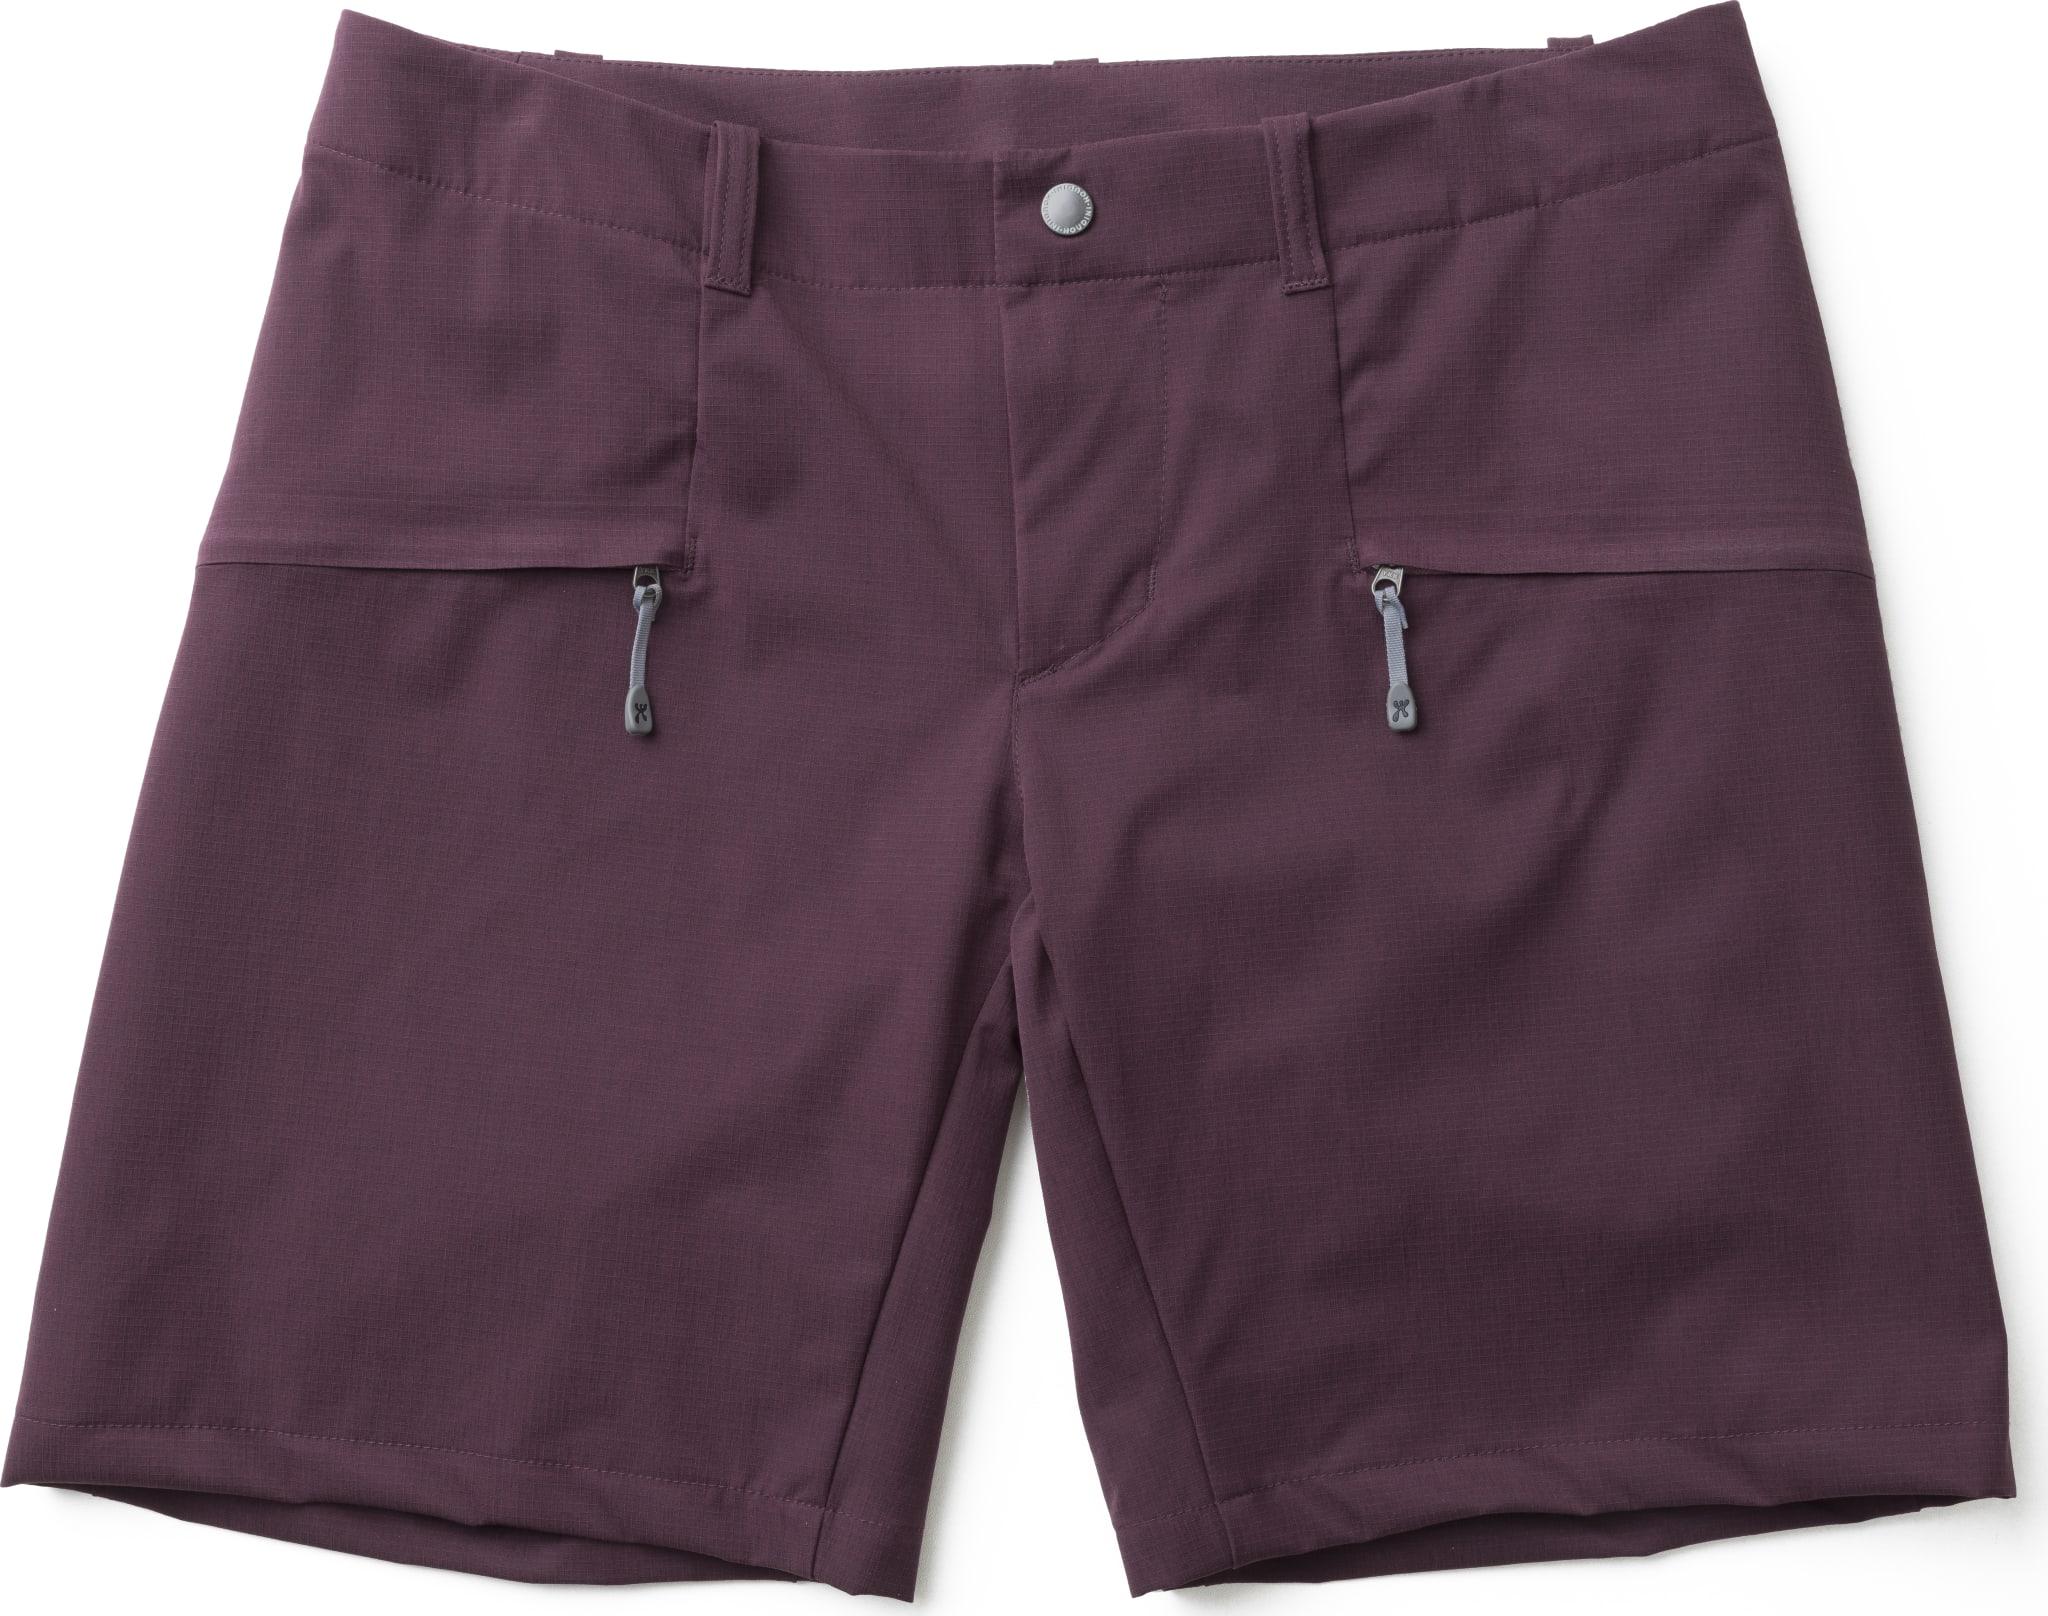 Allsidige shorts til utendørsbruk som kombinerer komfort med tøffhet